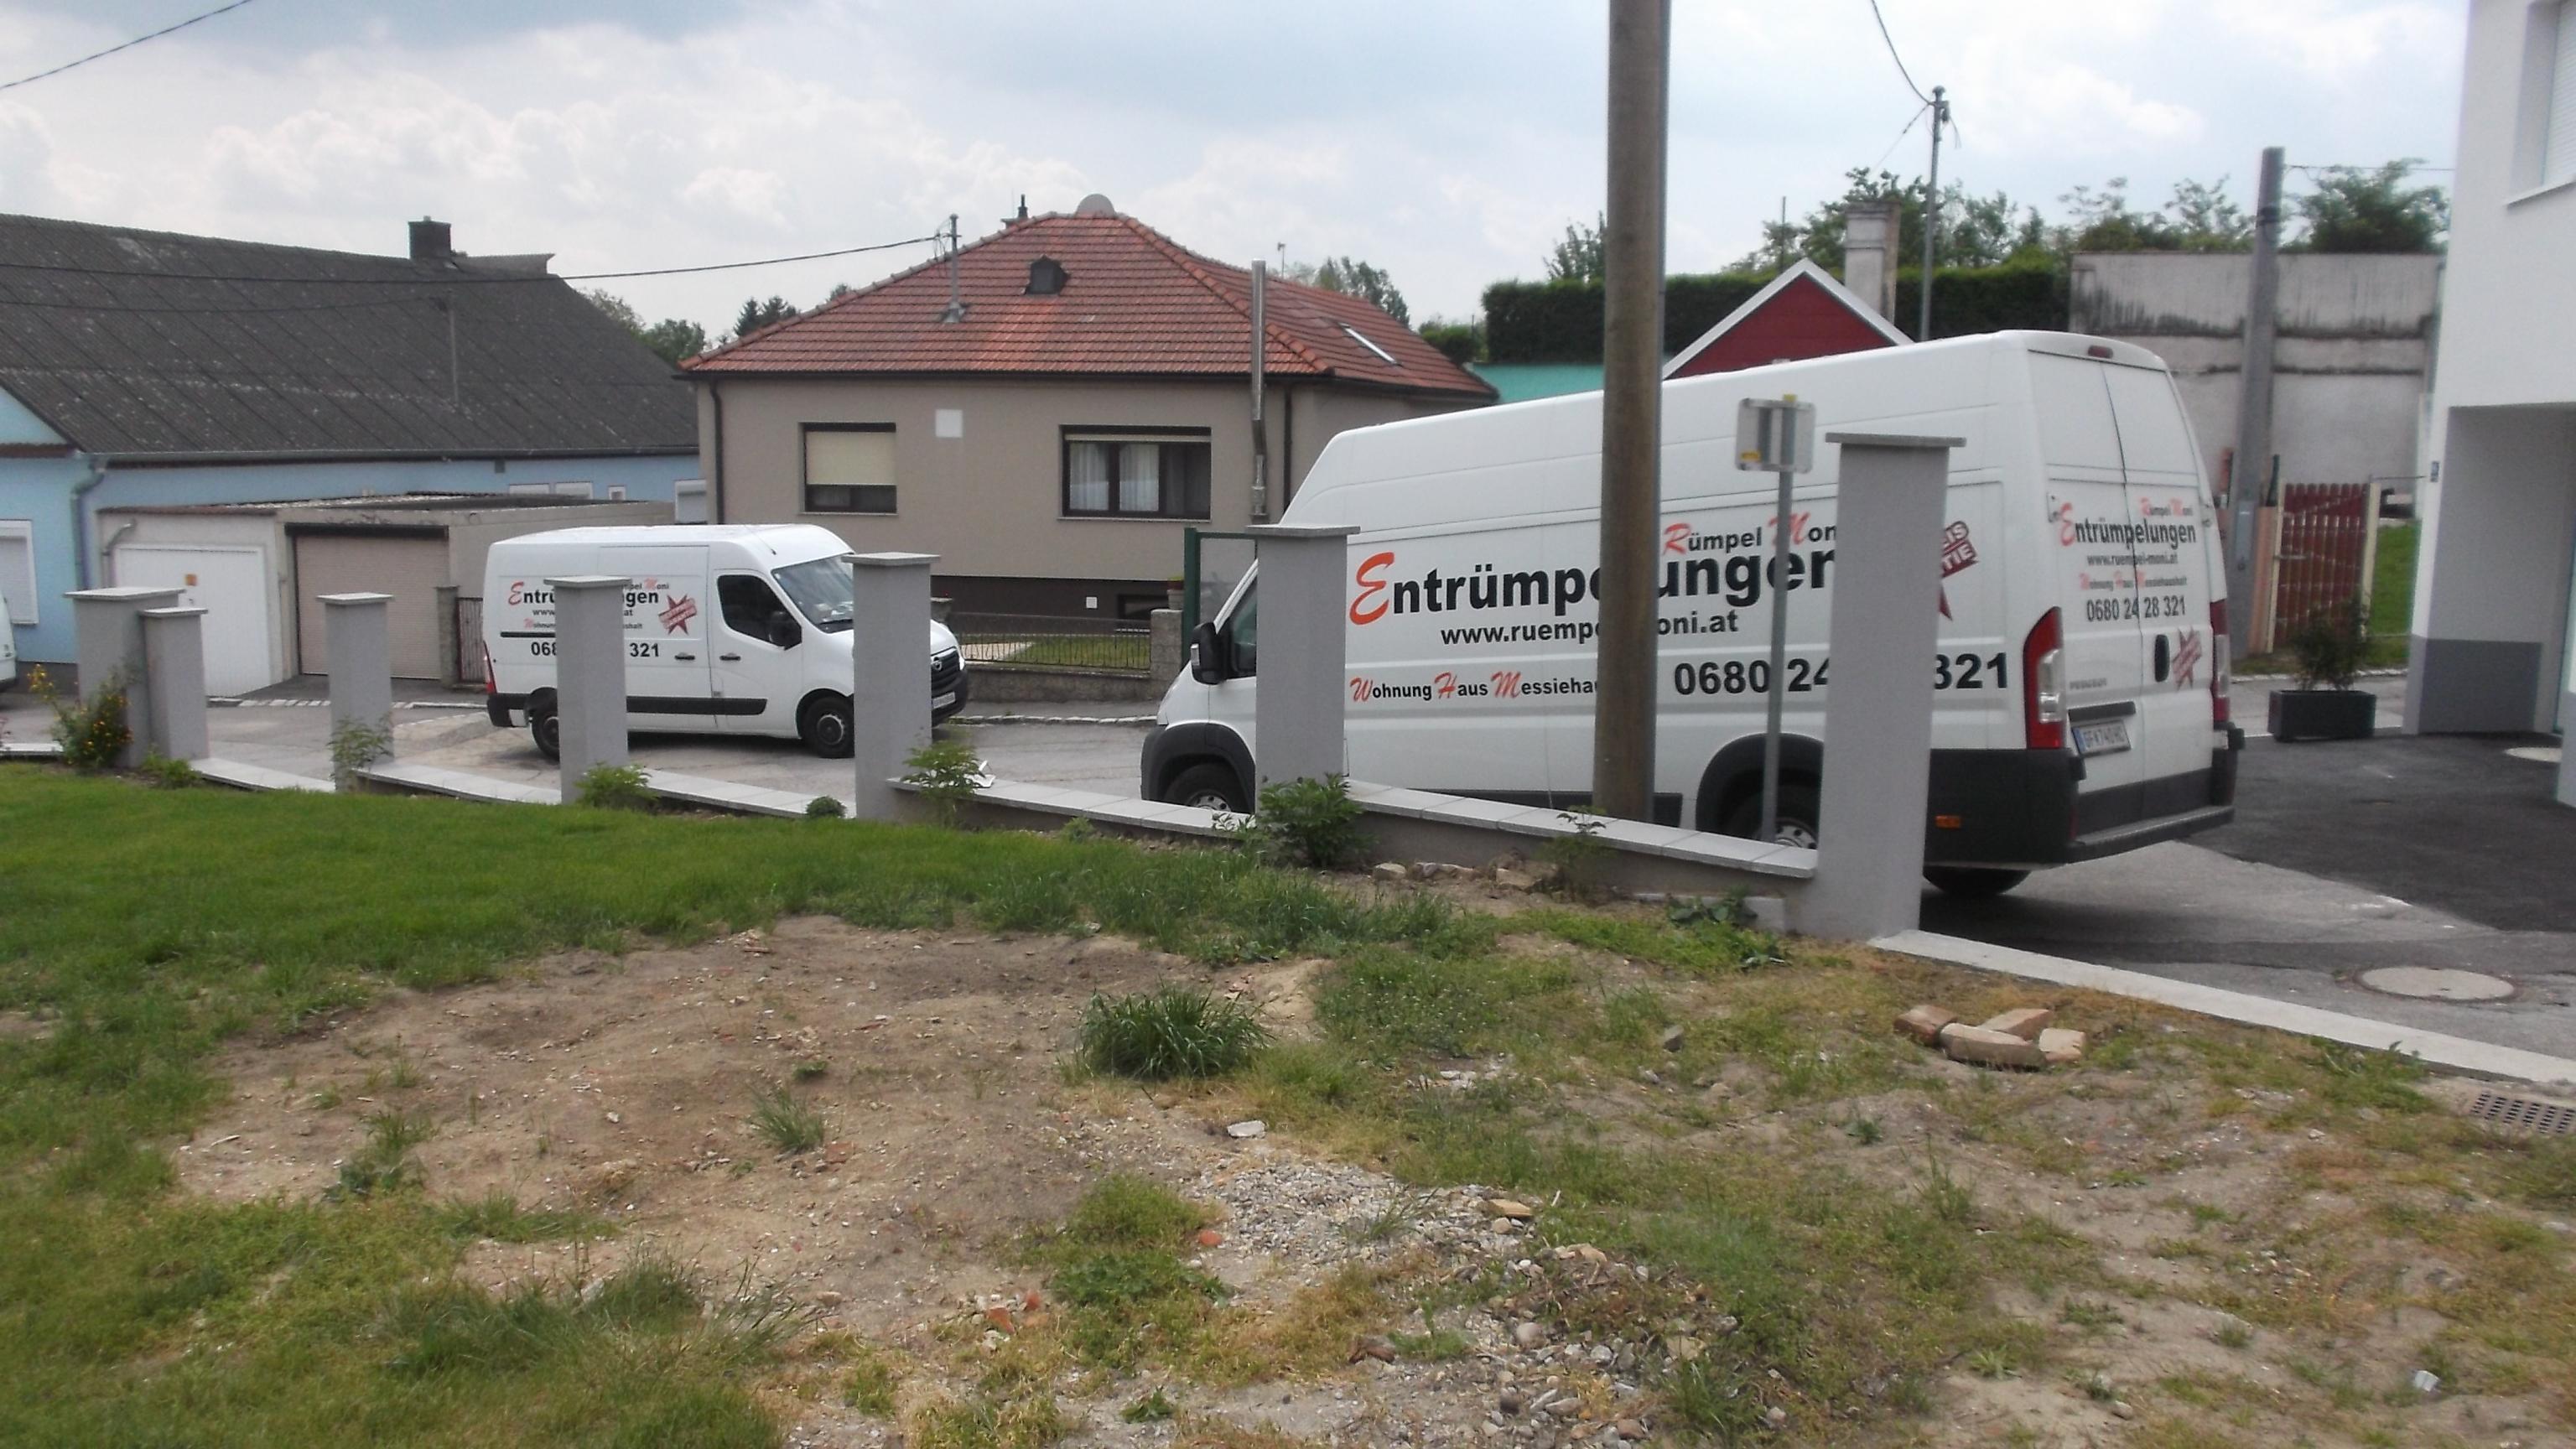 Auto Kühlschrank Willhaben : Bosch auto alarm bosch alarmrelais bosch kühlschrank alarm